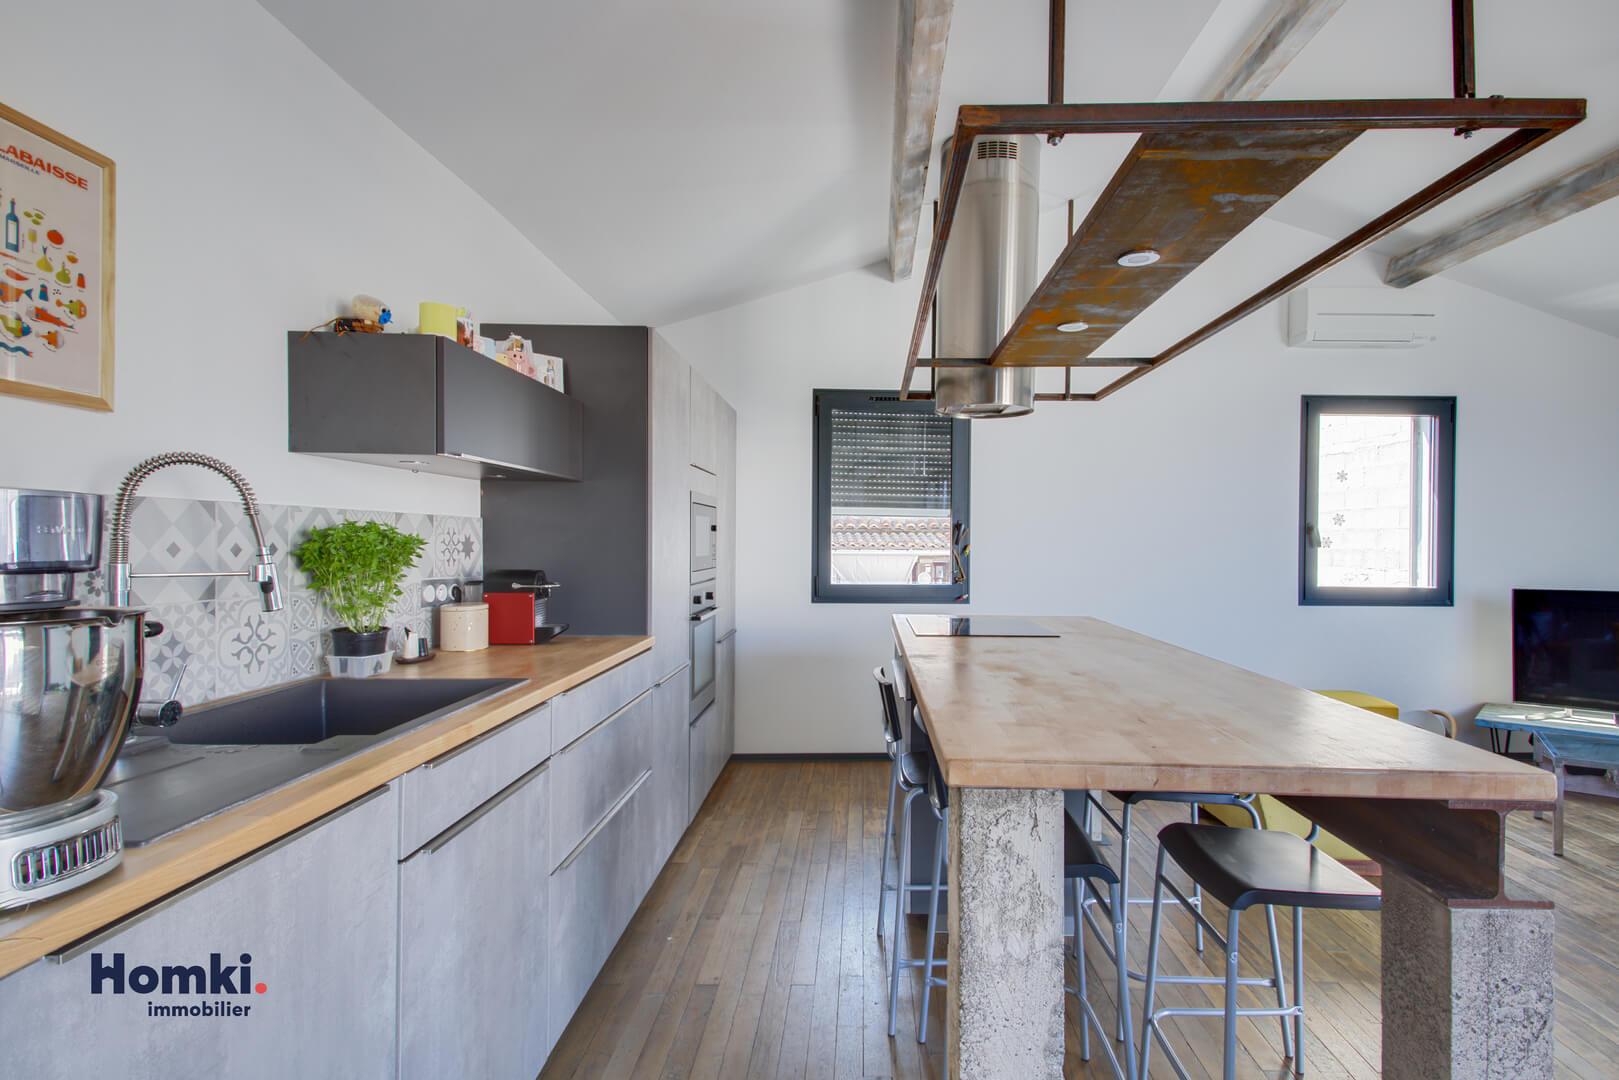 Vente maison 100 m² T4 13007_5